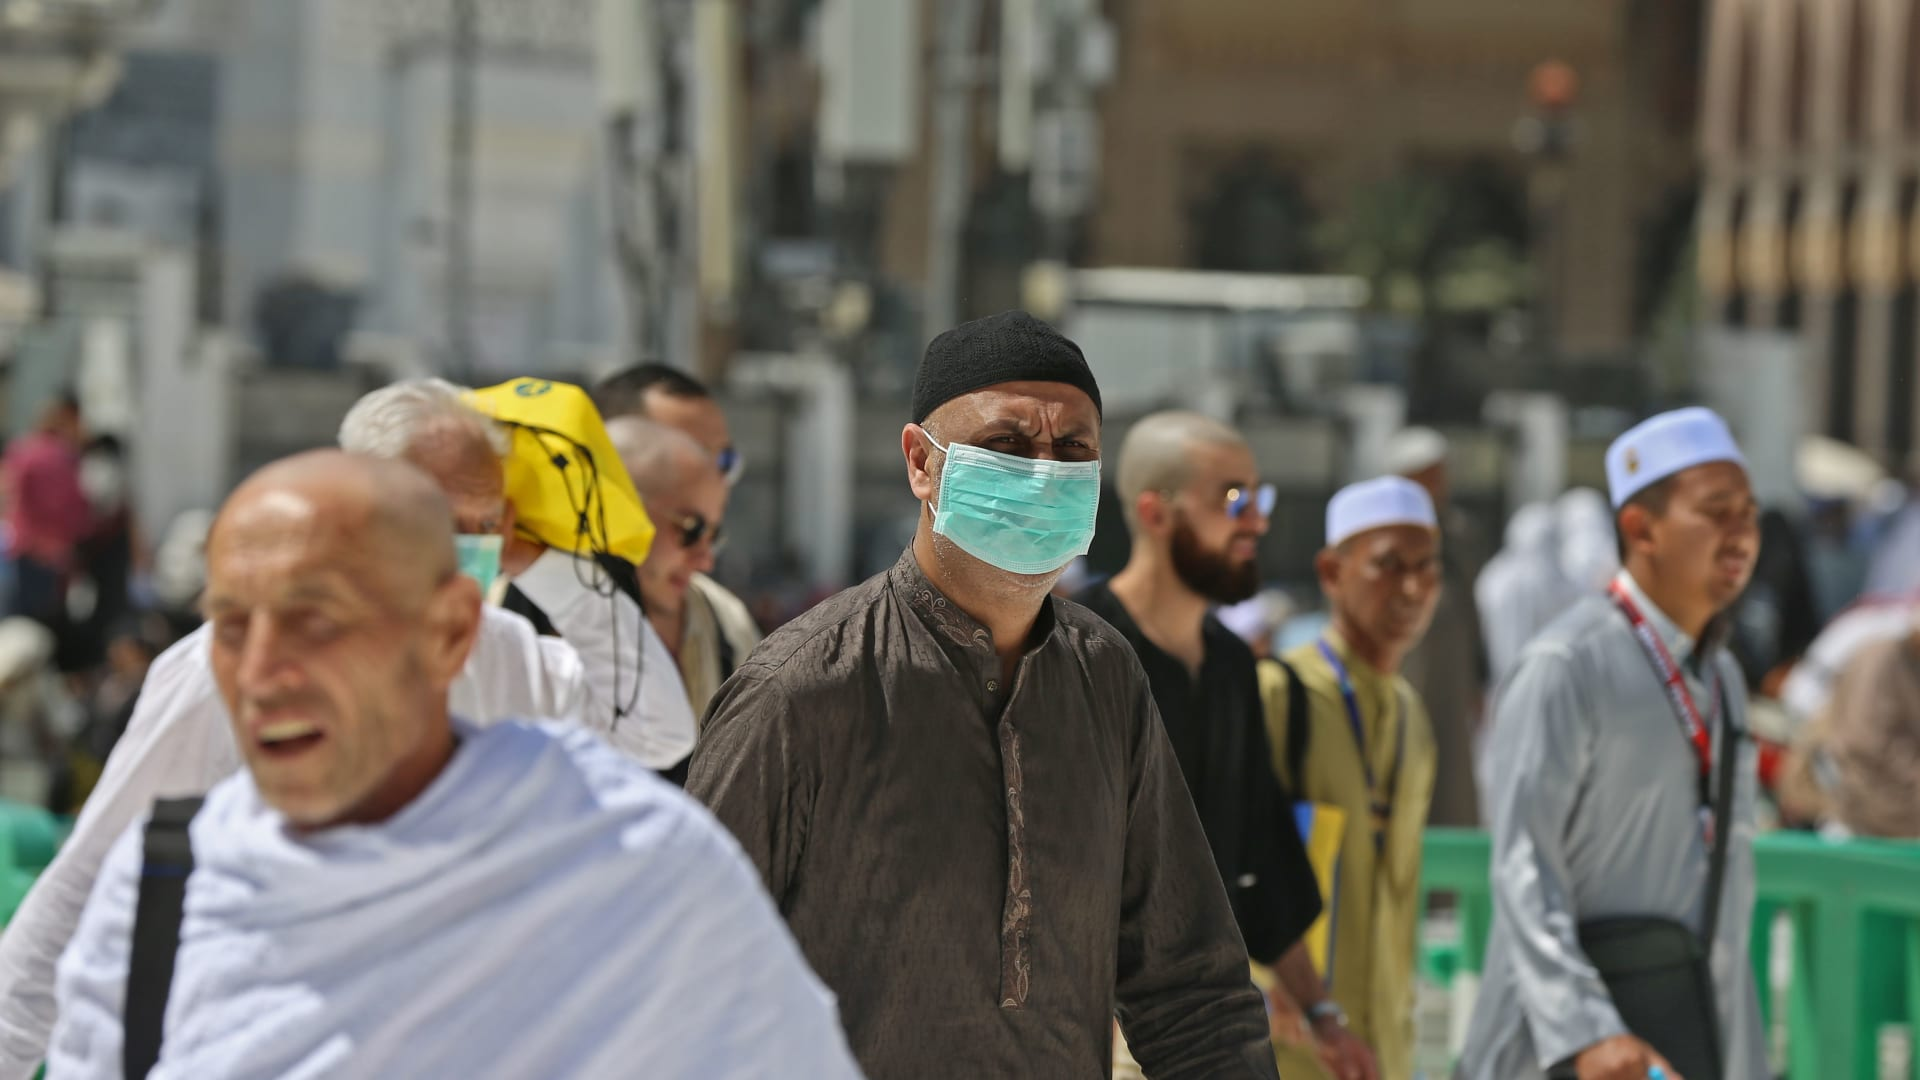 شاهد.. جثث ضحايا فيروس كورونا في شوارع الإكوادور وتوابيت ورقية للموتى